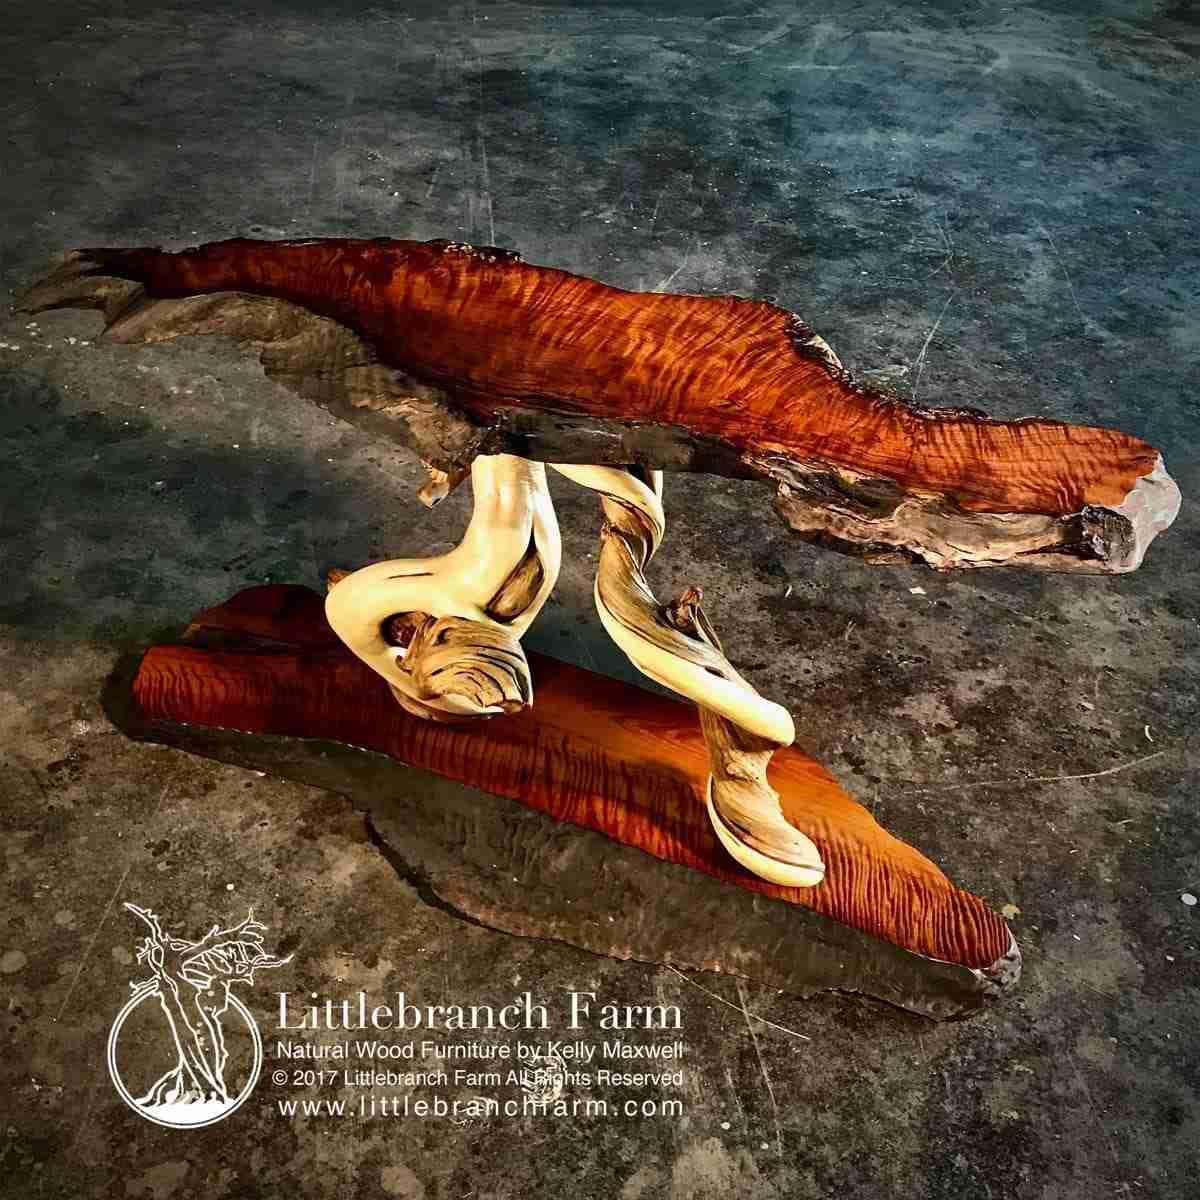 Juniper wood furniture